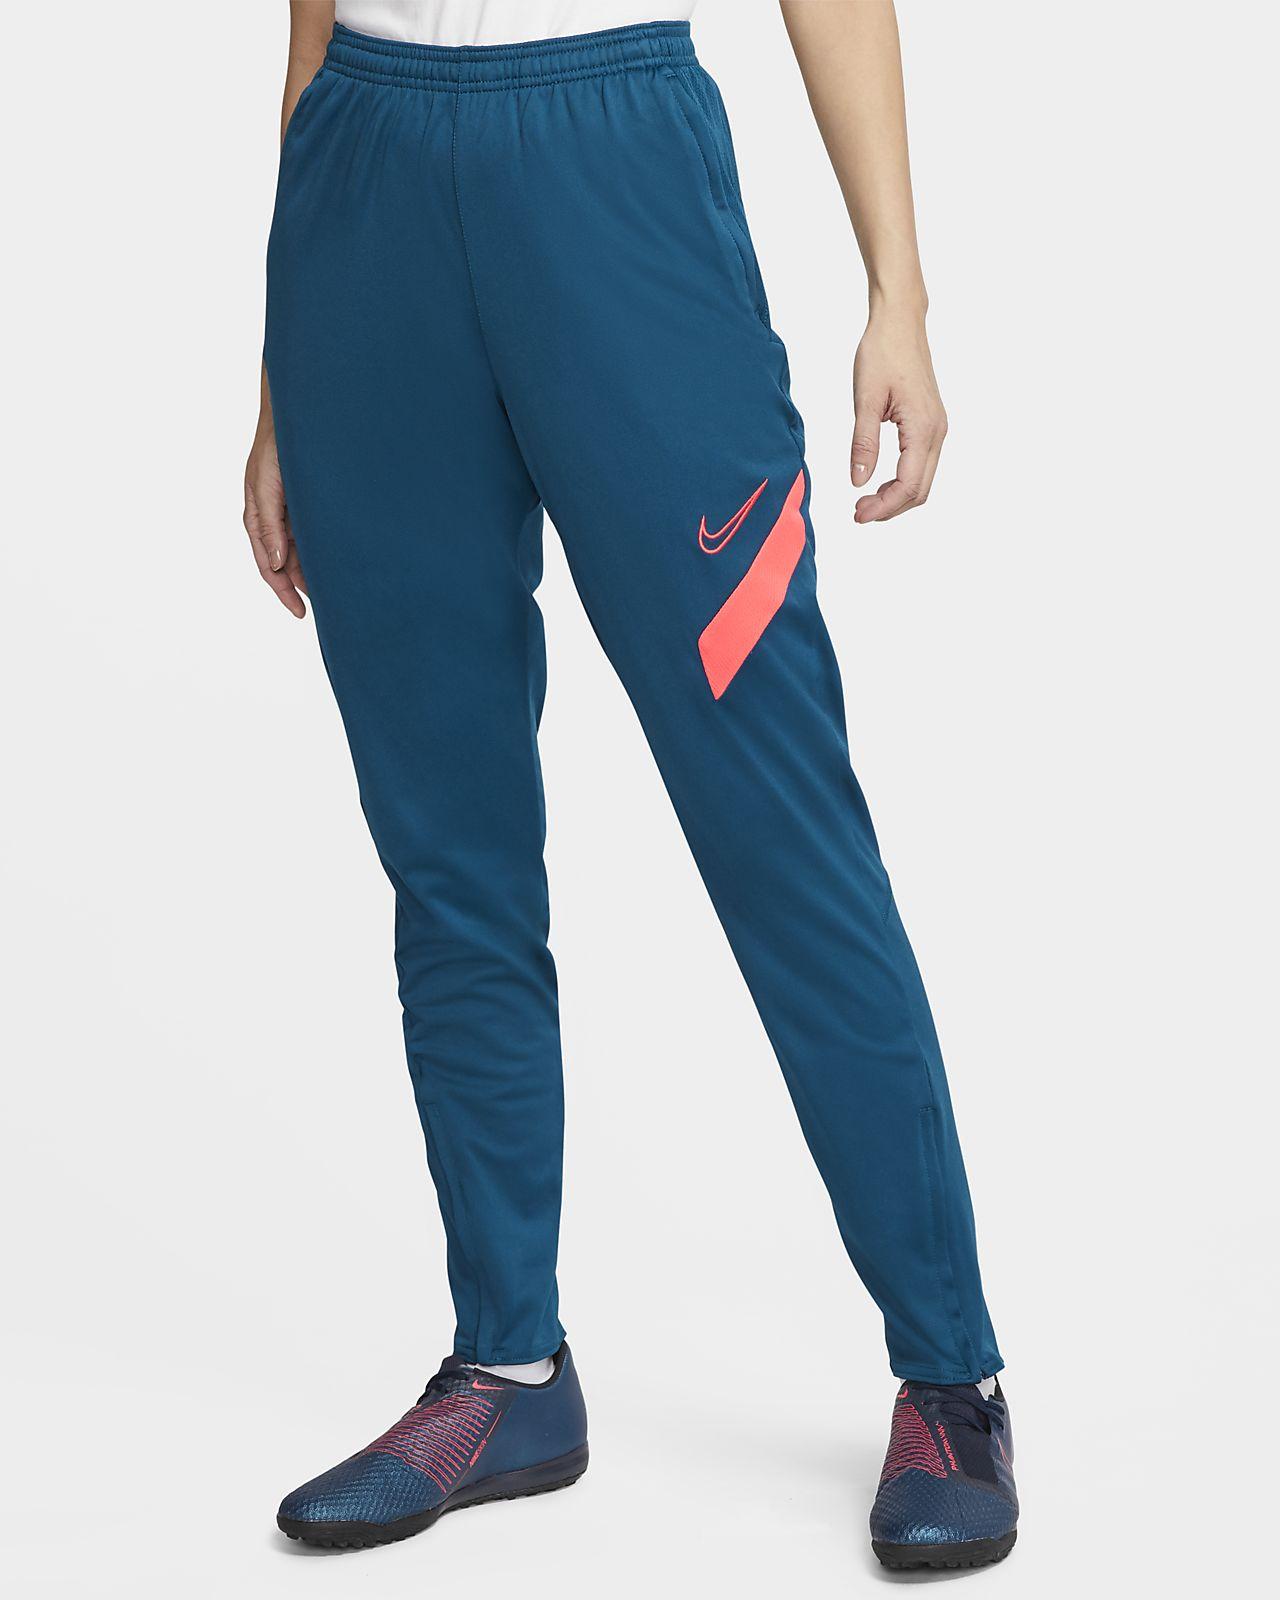 Pantaloni da calcio Nike Dri FIT Academy Pro Donna